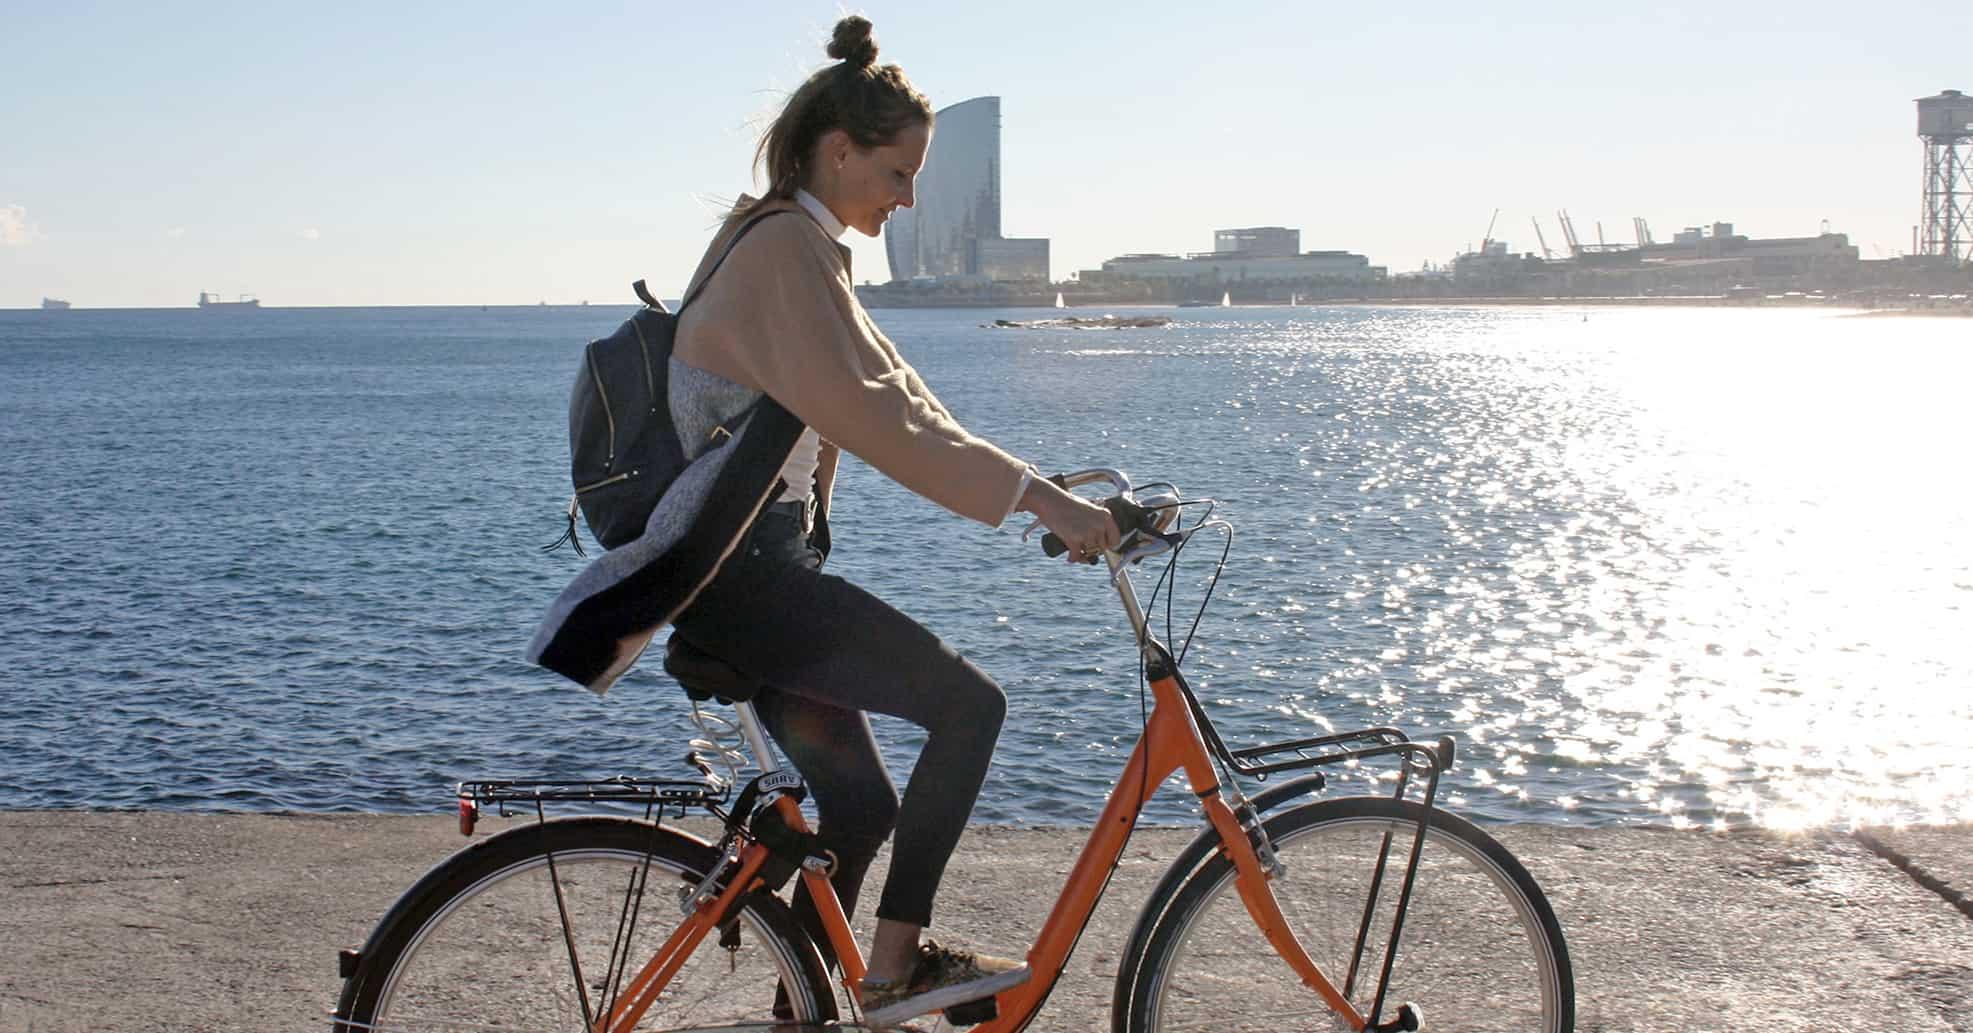 Bike Rental In Barcelona Donkey Republic